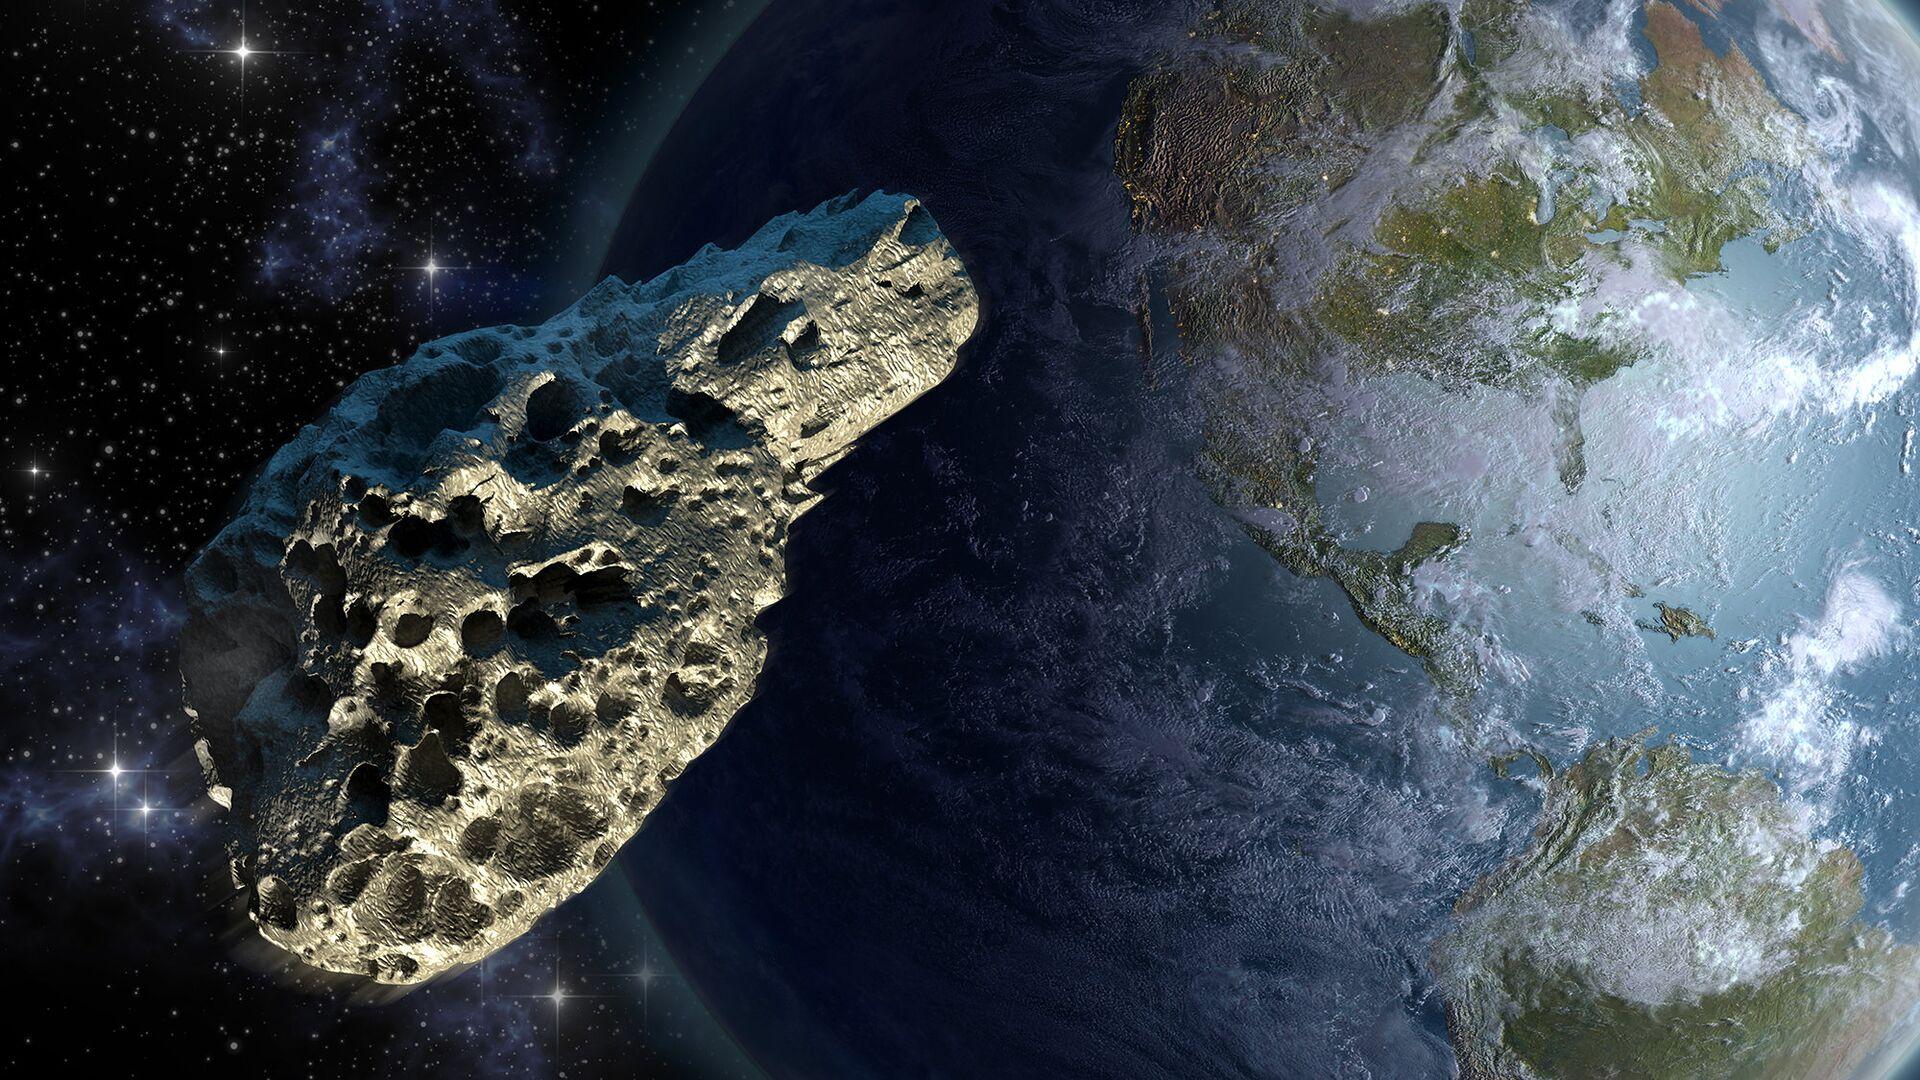 Рисунок астероида около планеты Земля - РИА Новости, 1920, 11.01.2021